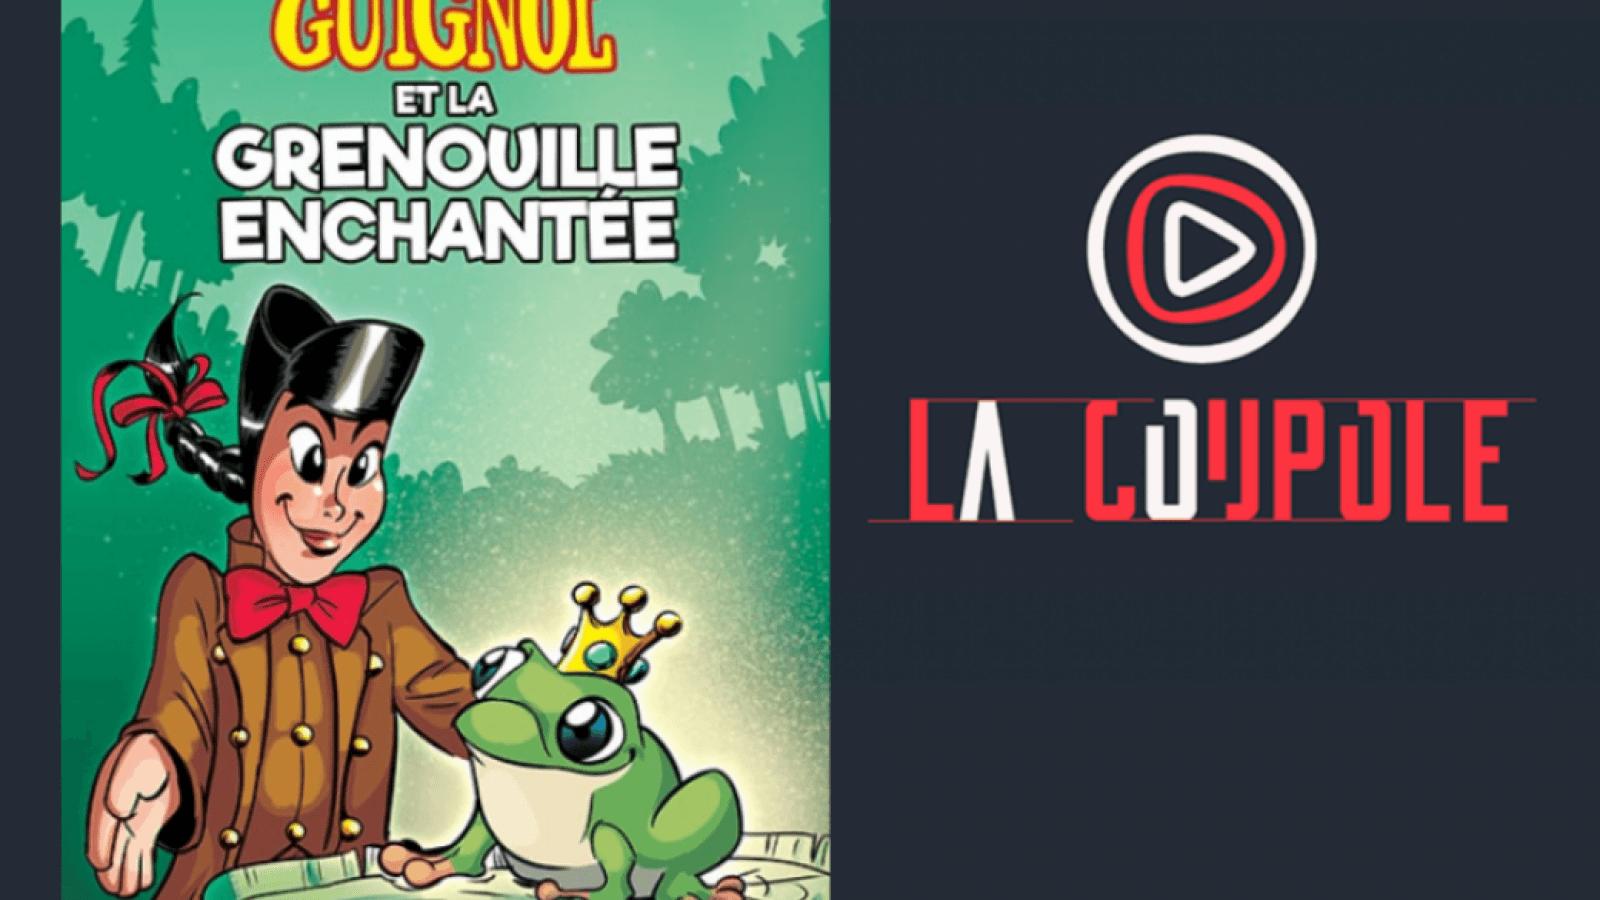 © La Coupole : Guignol et la grenouille enchantée